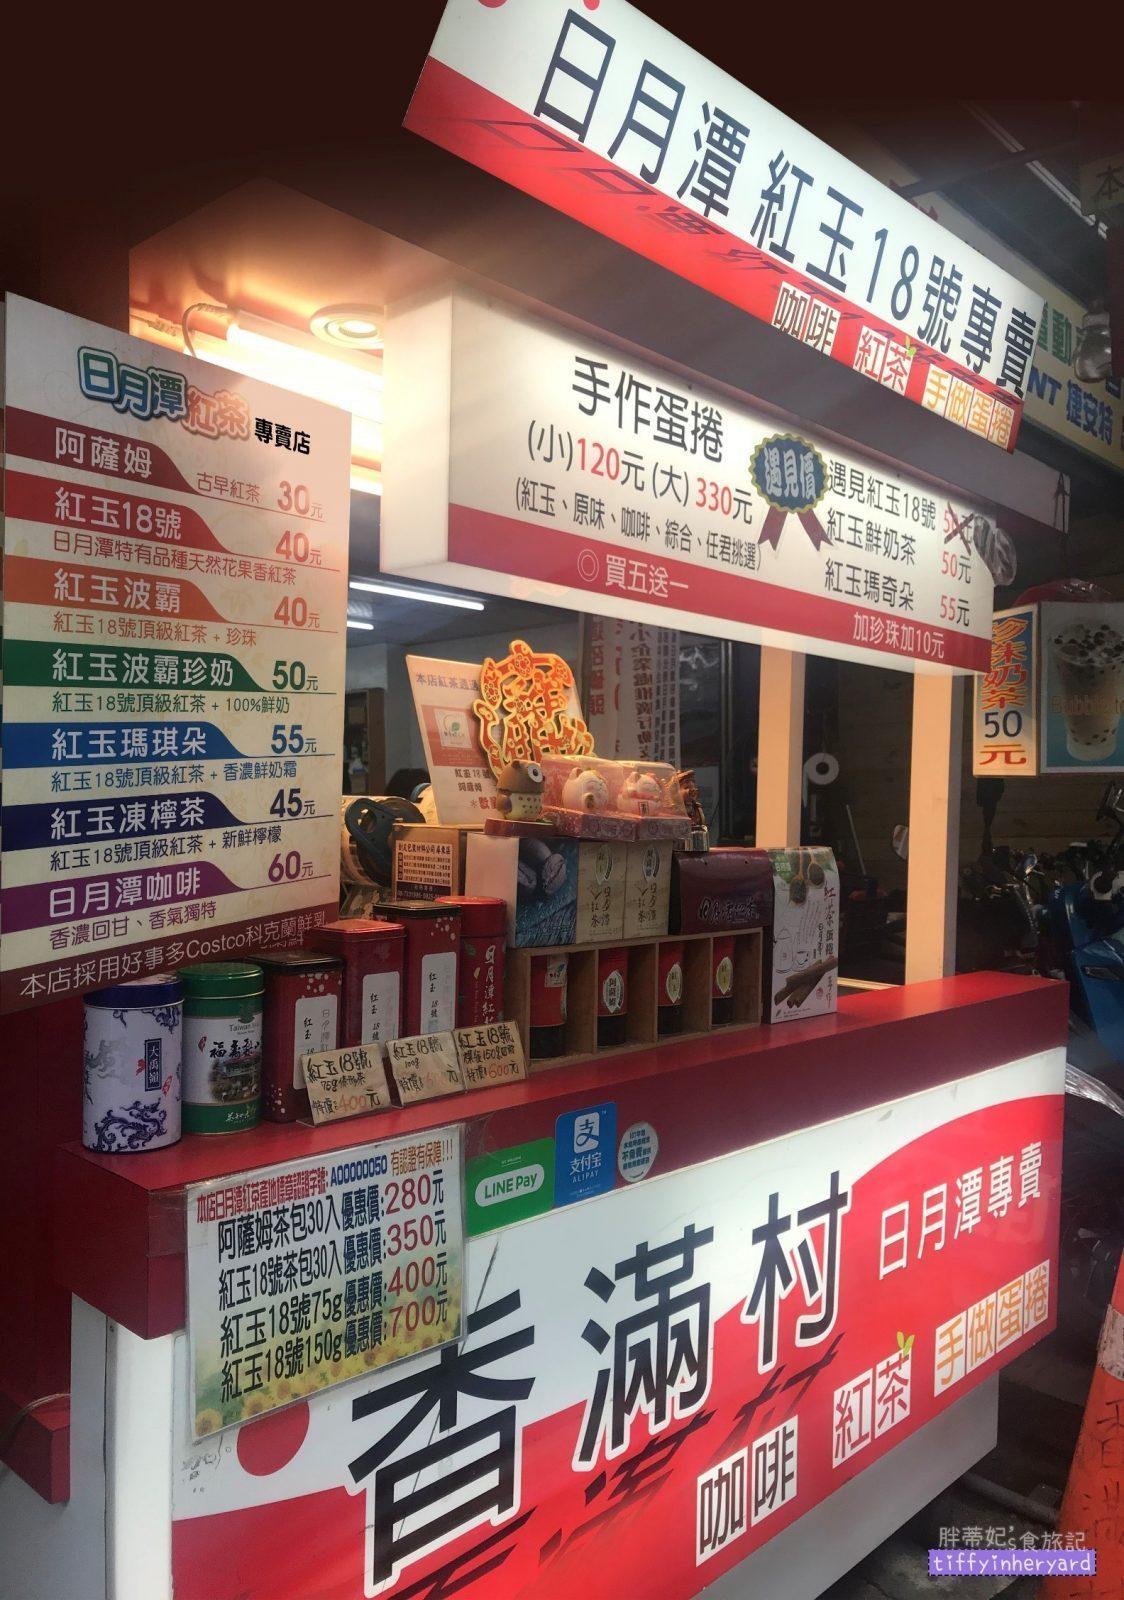 日月潭 喝紅茶-日月潭伴手禮香滿村茶行紅玉台茶18號